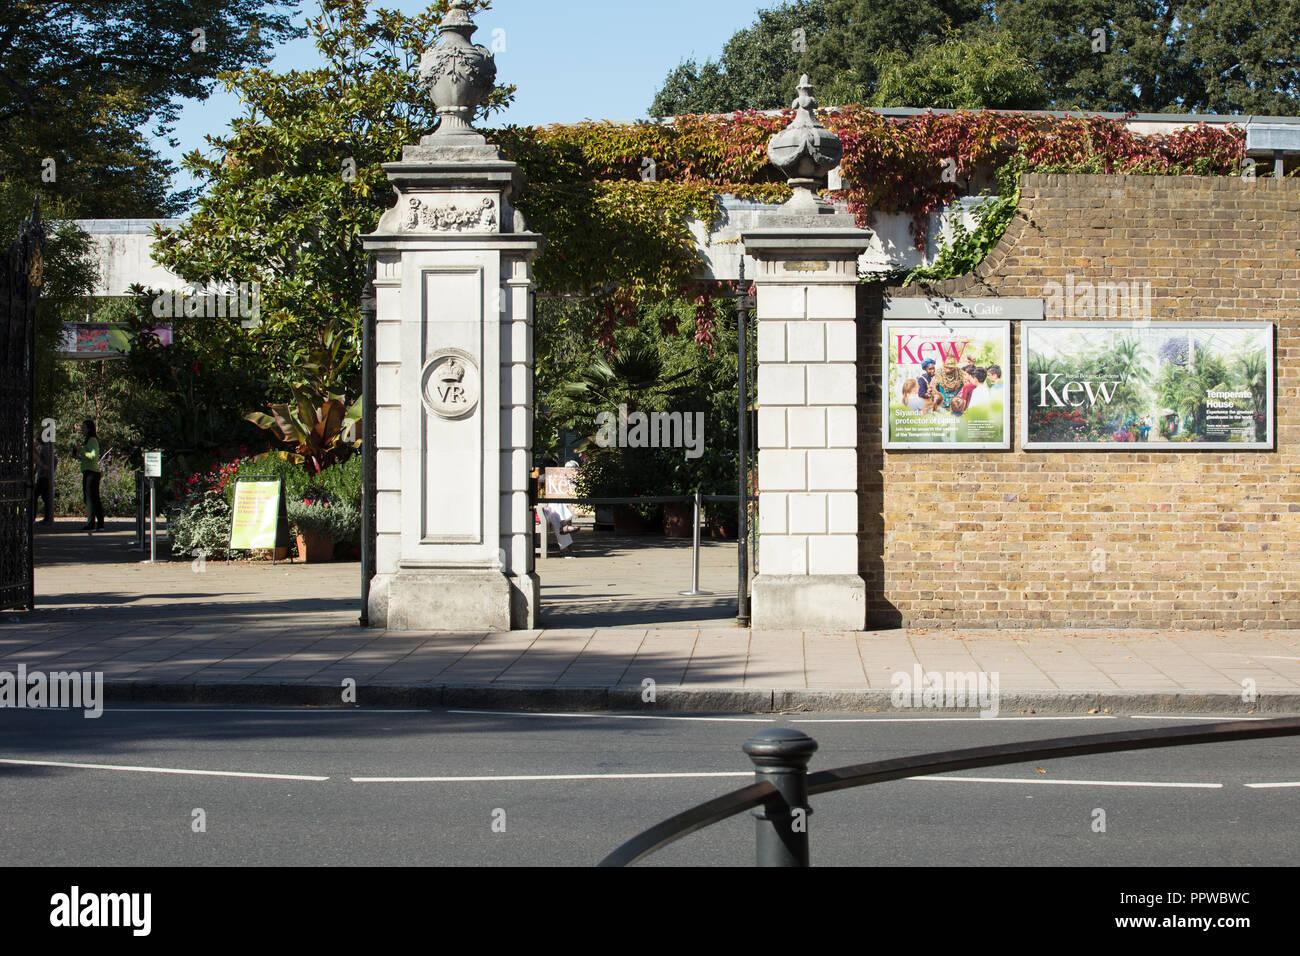 Jardins botaniques royaux de Kew, Richmond, London, UK, Victoria Gate historique à partir de 1889 près de la station de métro Kew, plantes d'été affichés dans des pots. Banque D'Images